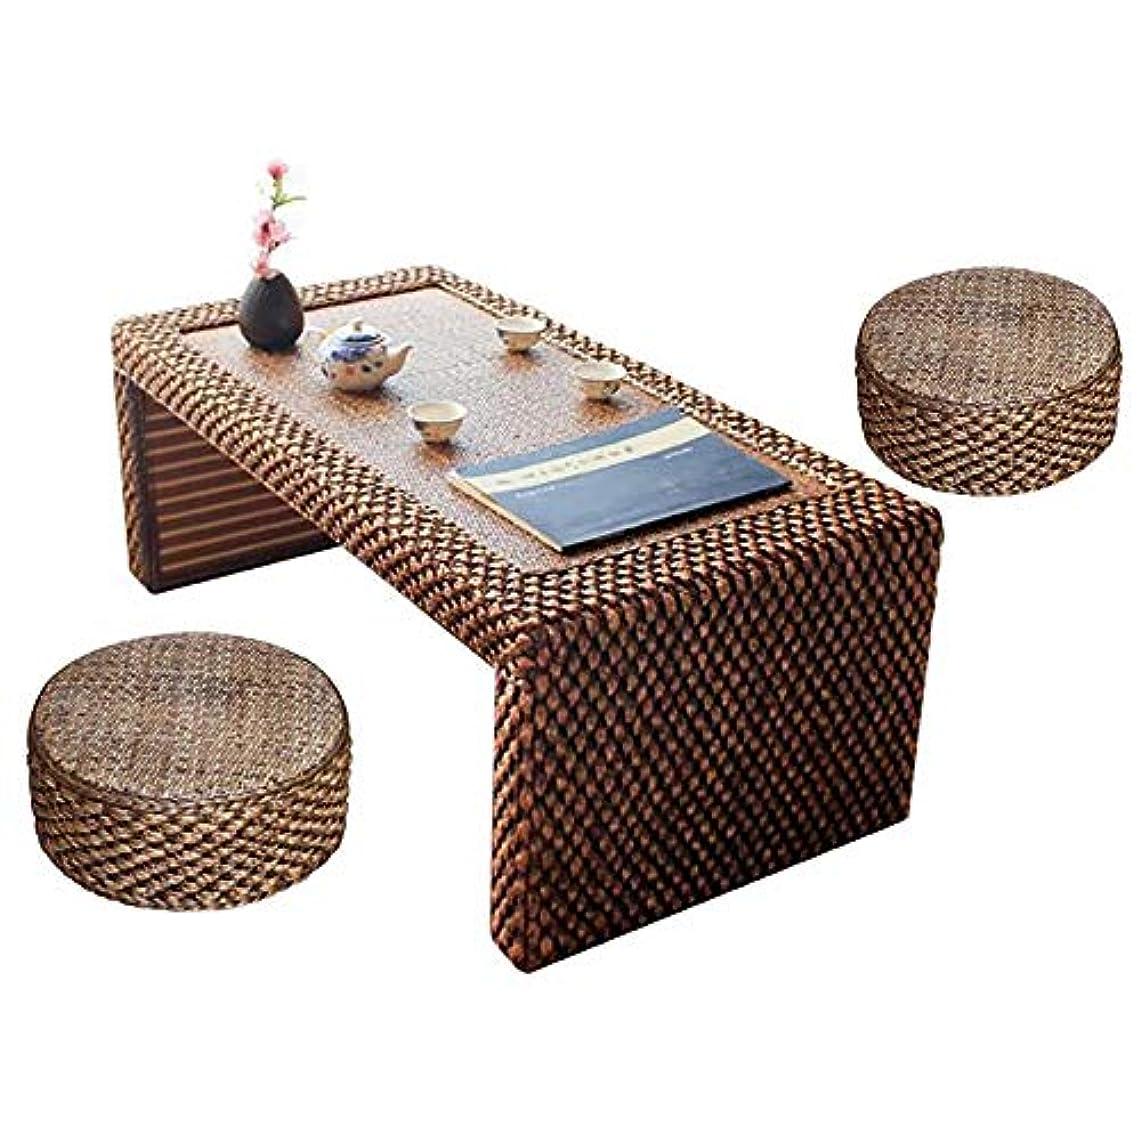 近代化オートメーションタンザニア籐小さなコーヒーテーブル禅手作り畳茶テーブルシンプルシルローテーブルバルコニーコンピュータ出窓テーブル (Style : B)